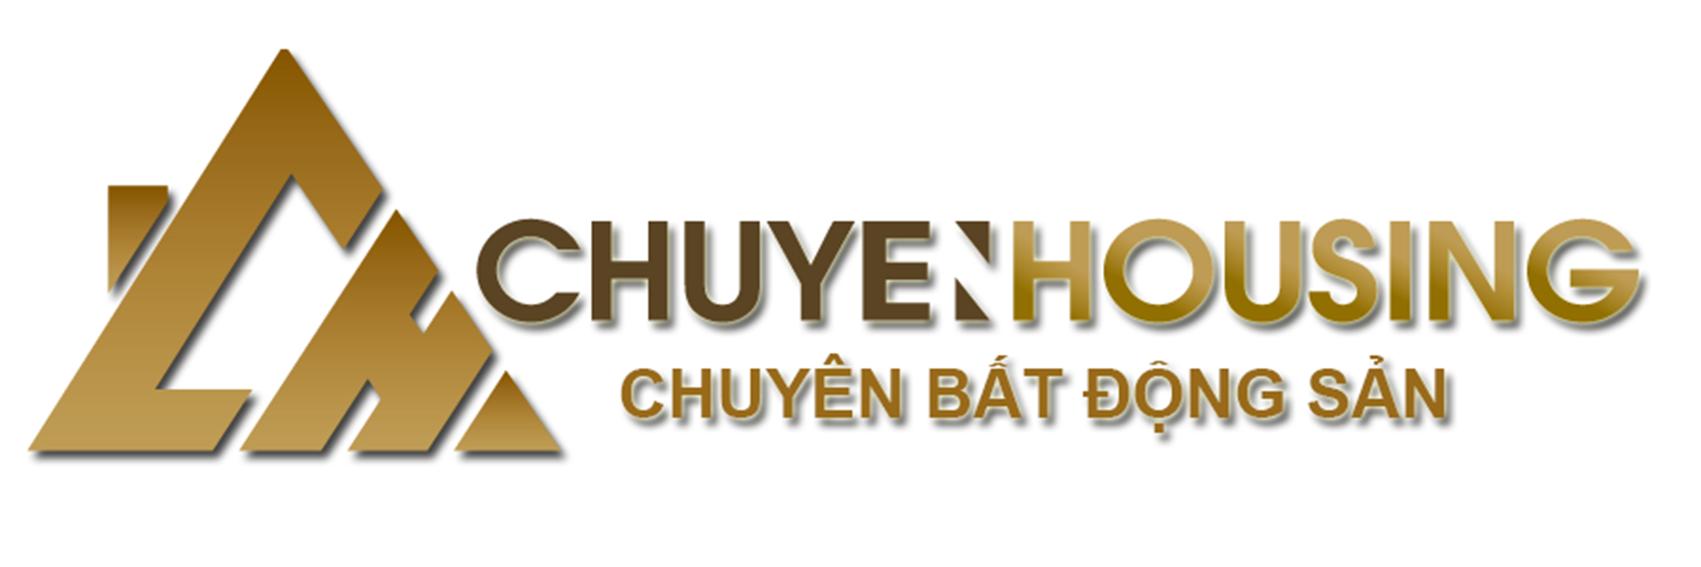 Chuyenhousing